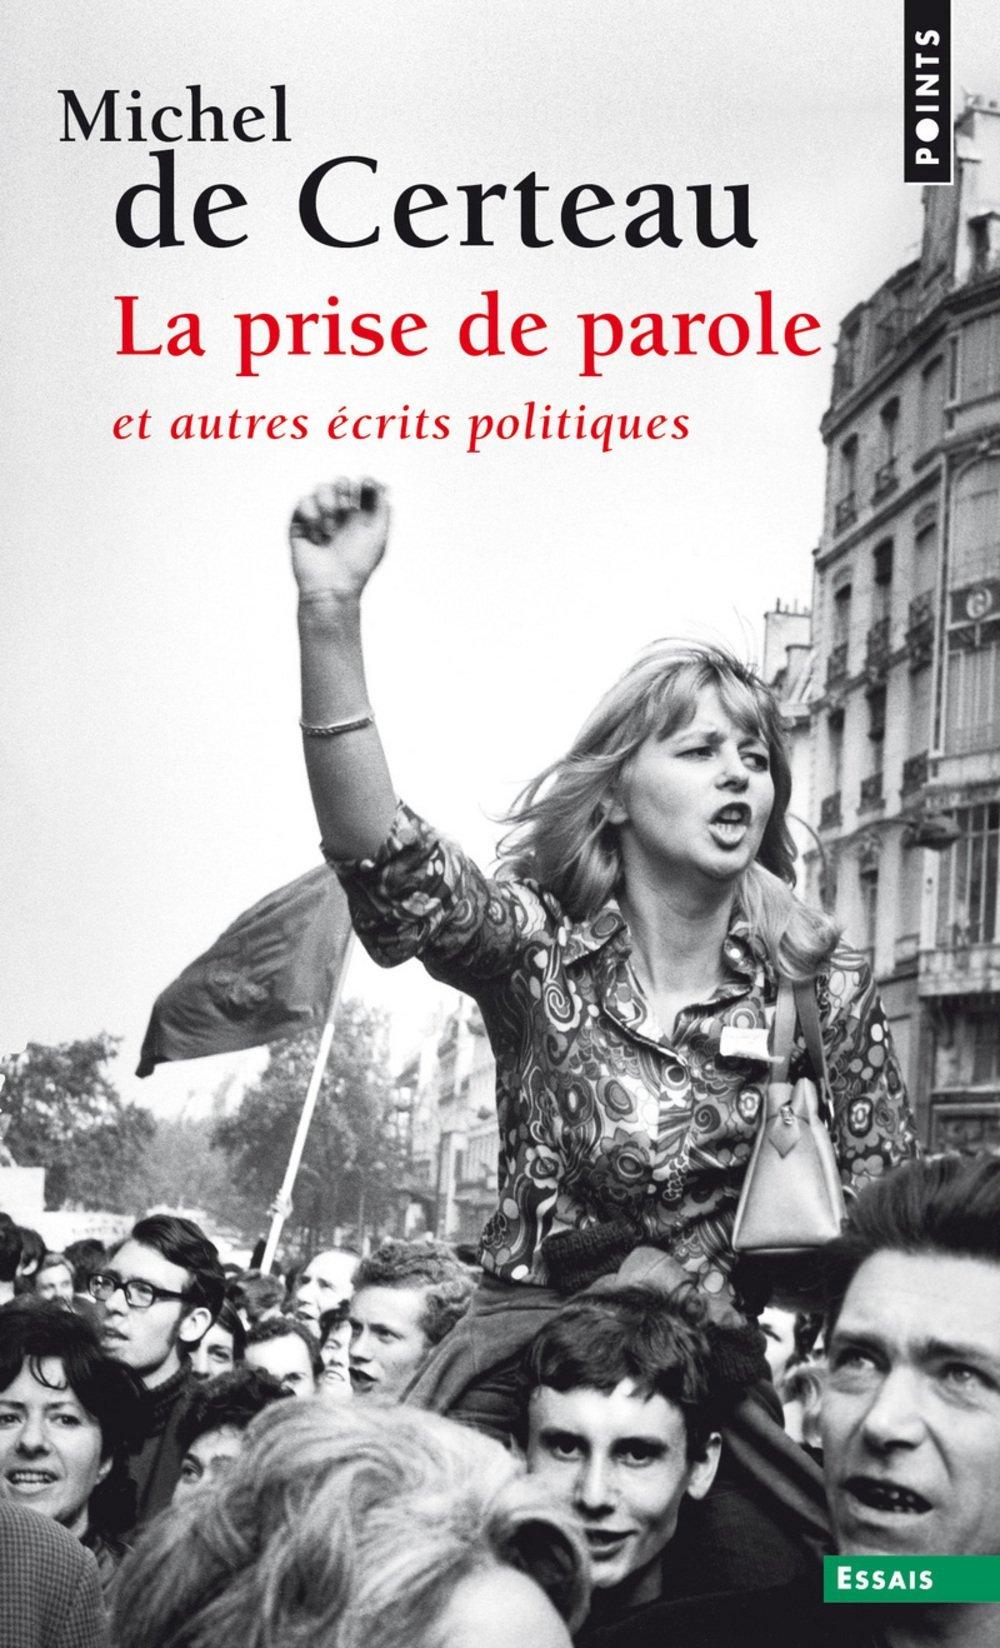 La Prise de parole et autres écrits politiques Poche – 3 mars 1994 Michel de Certeau Seuil 2020217988 0914-WS1201-A04010-2020217988